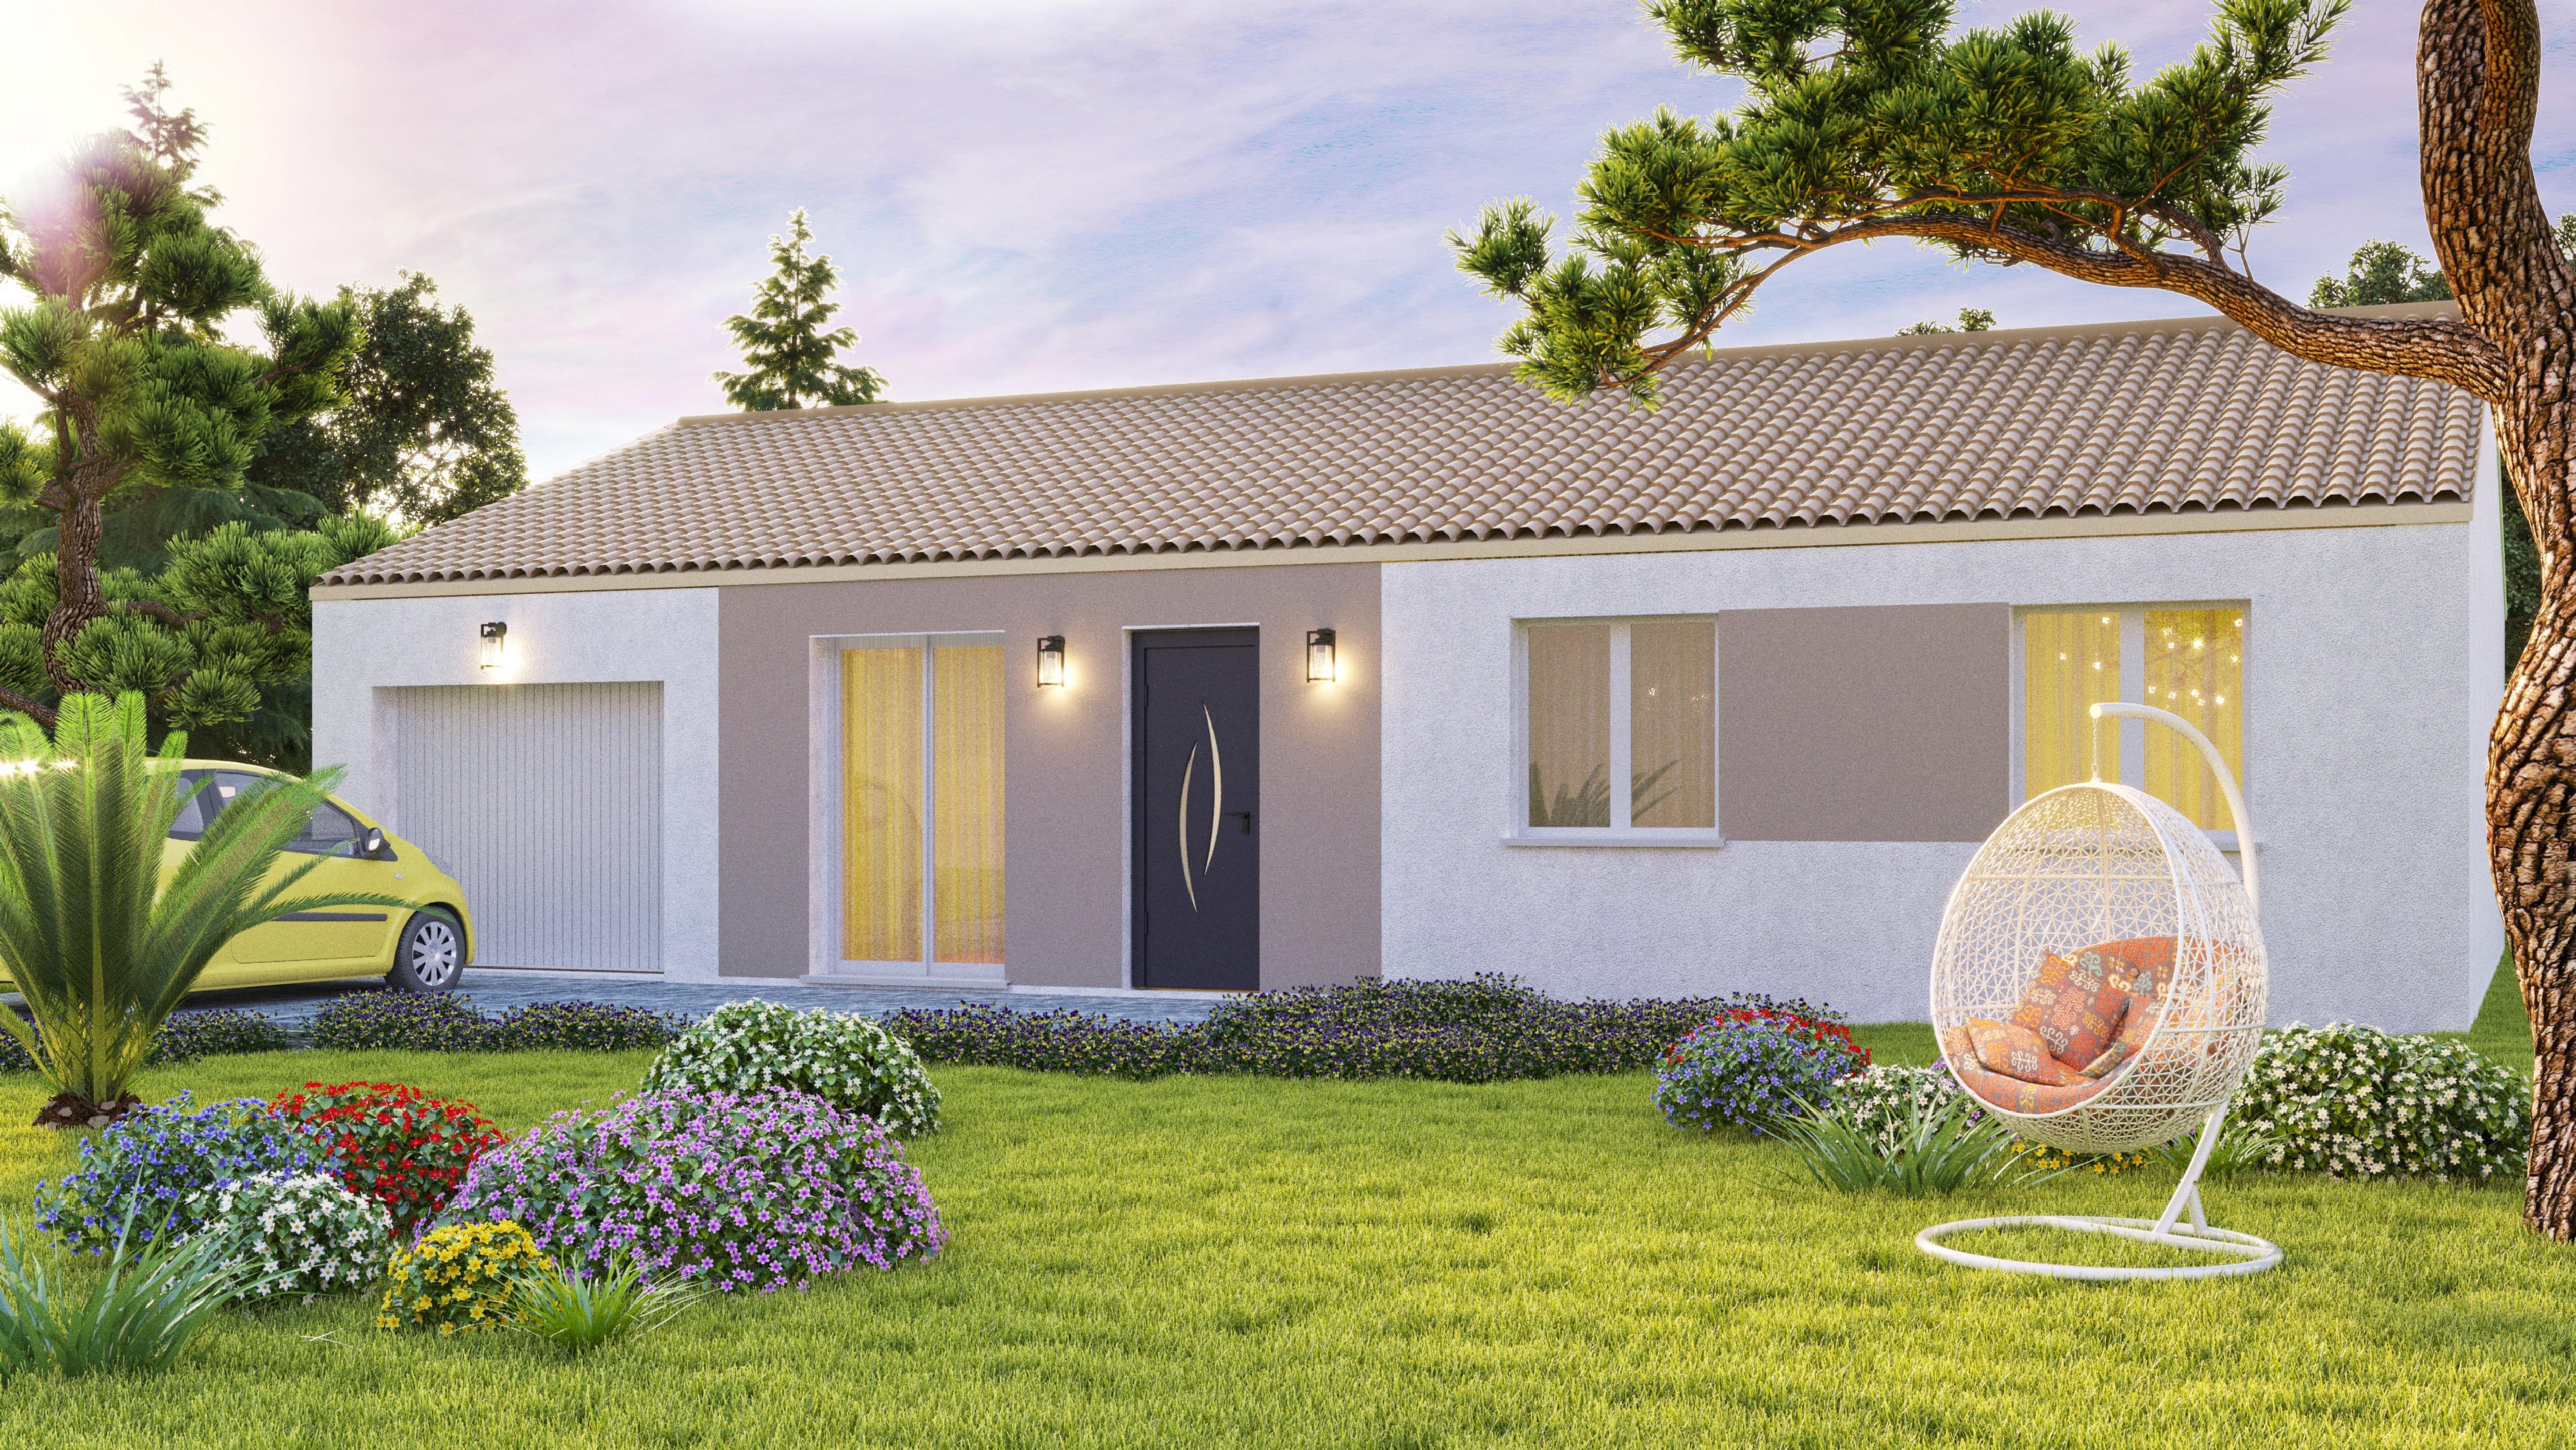 Maisons + Terrains du constructeur VIV'HOME • 84 m² • CHARRON